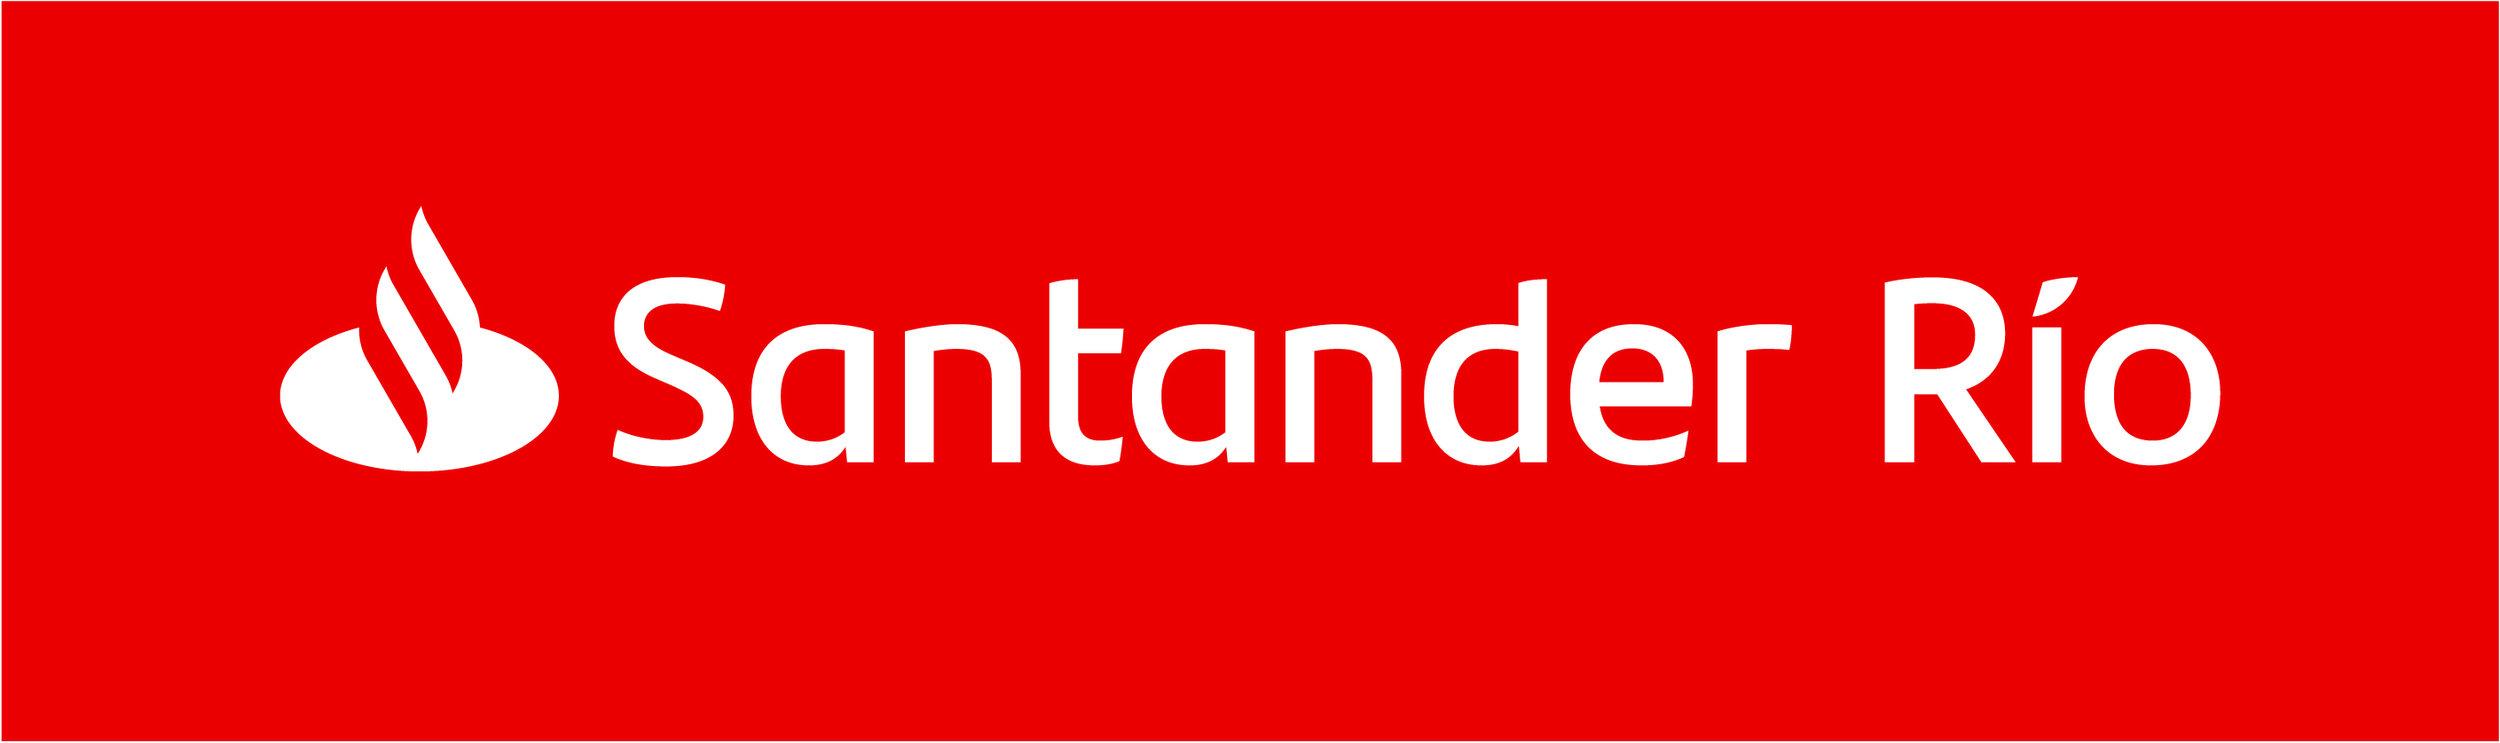 santander_logo.jpg